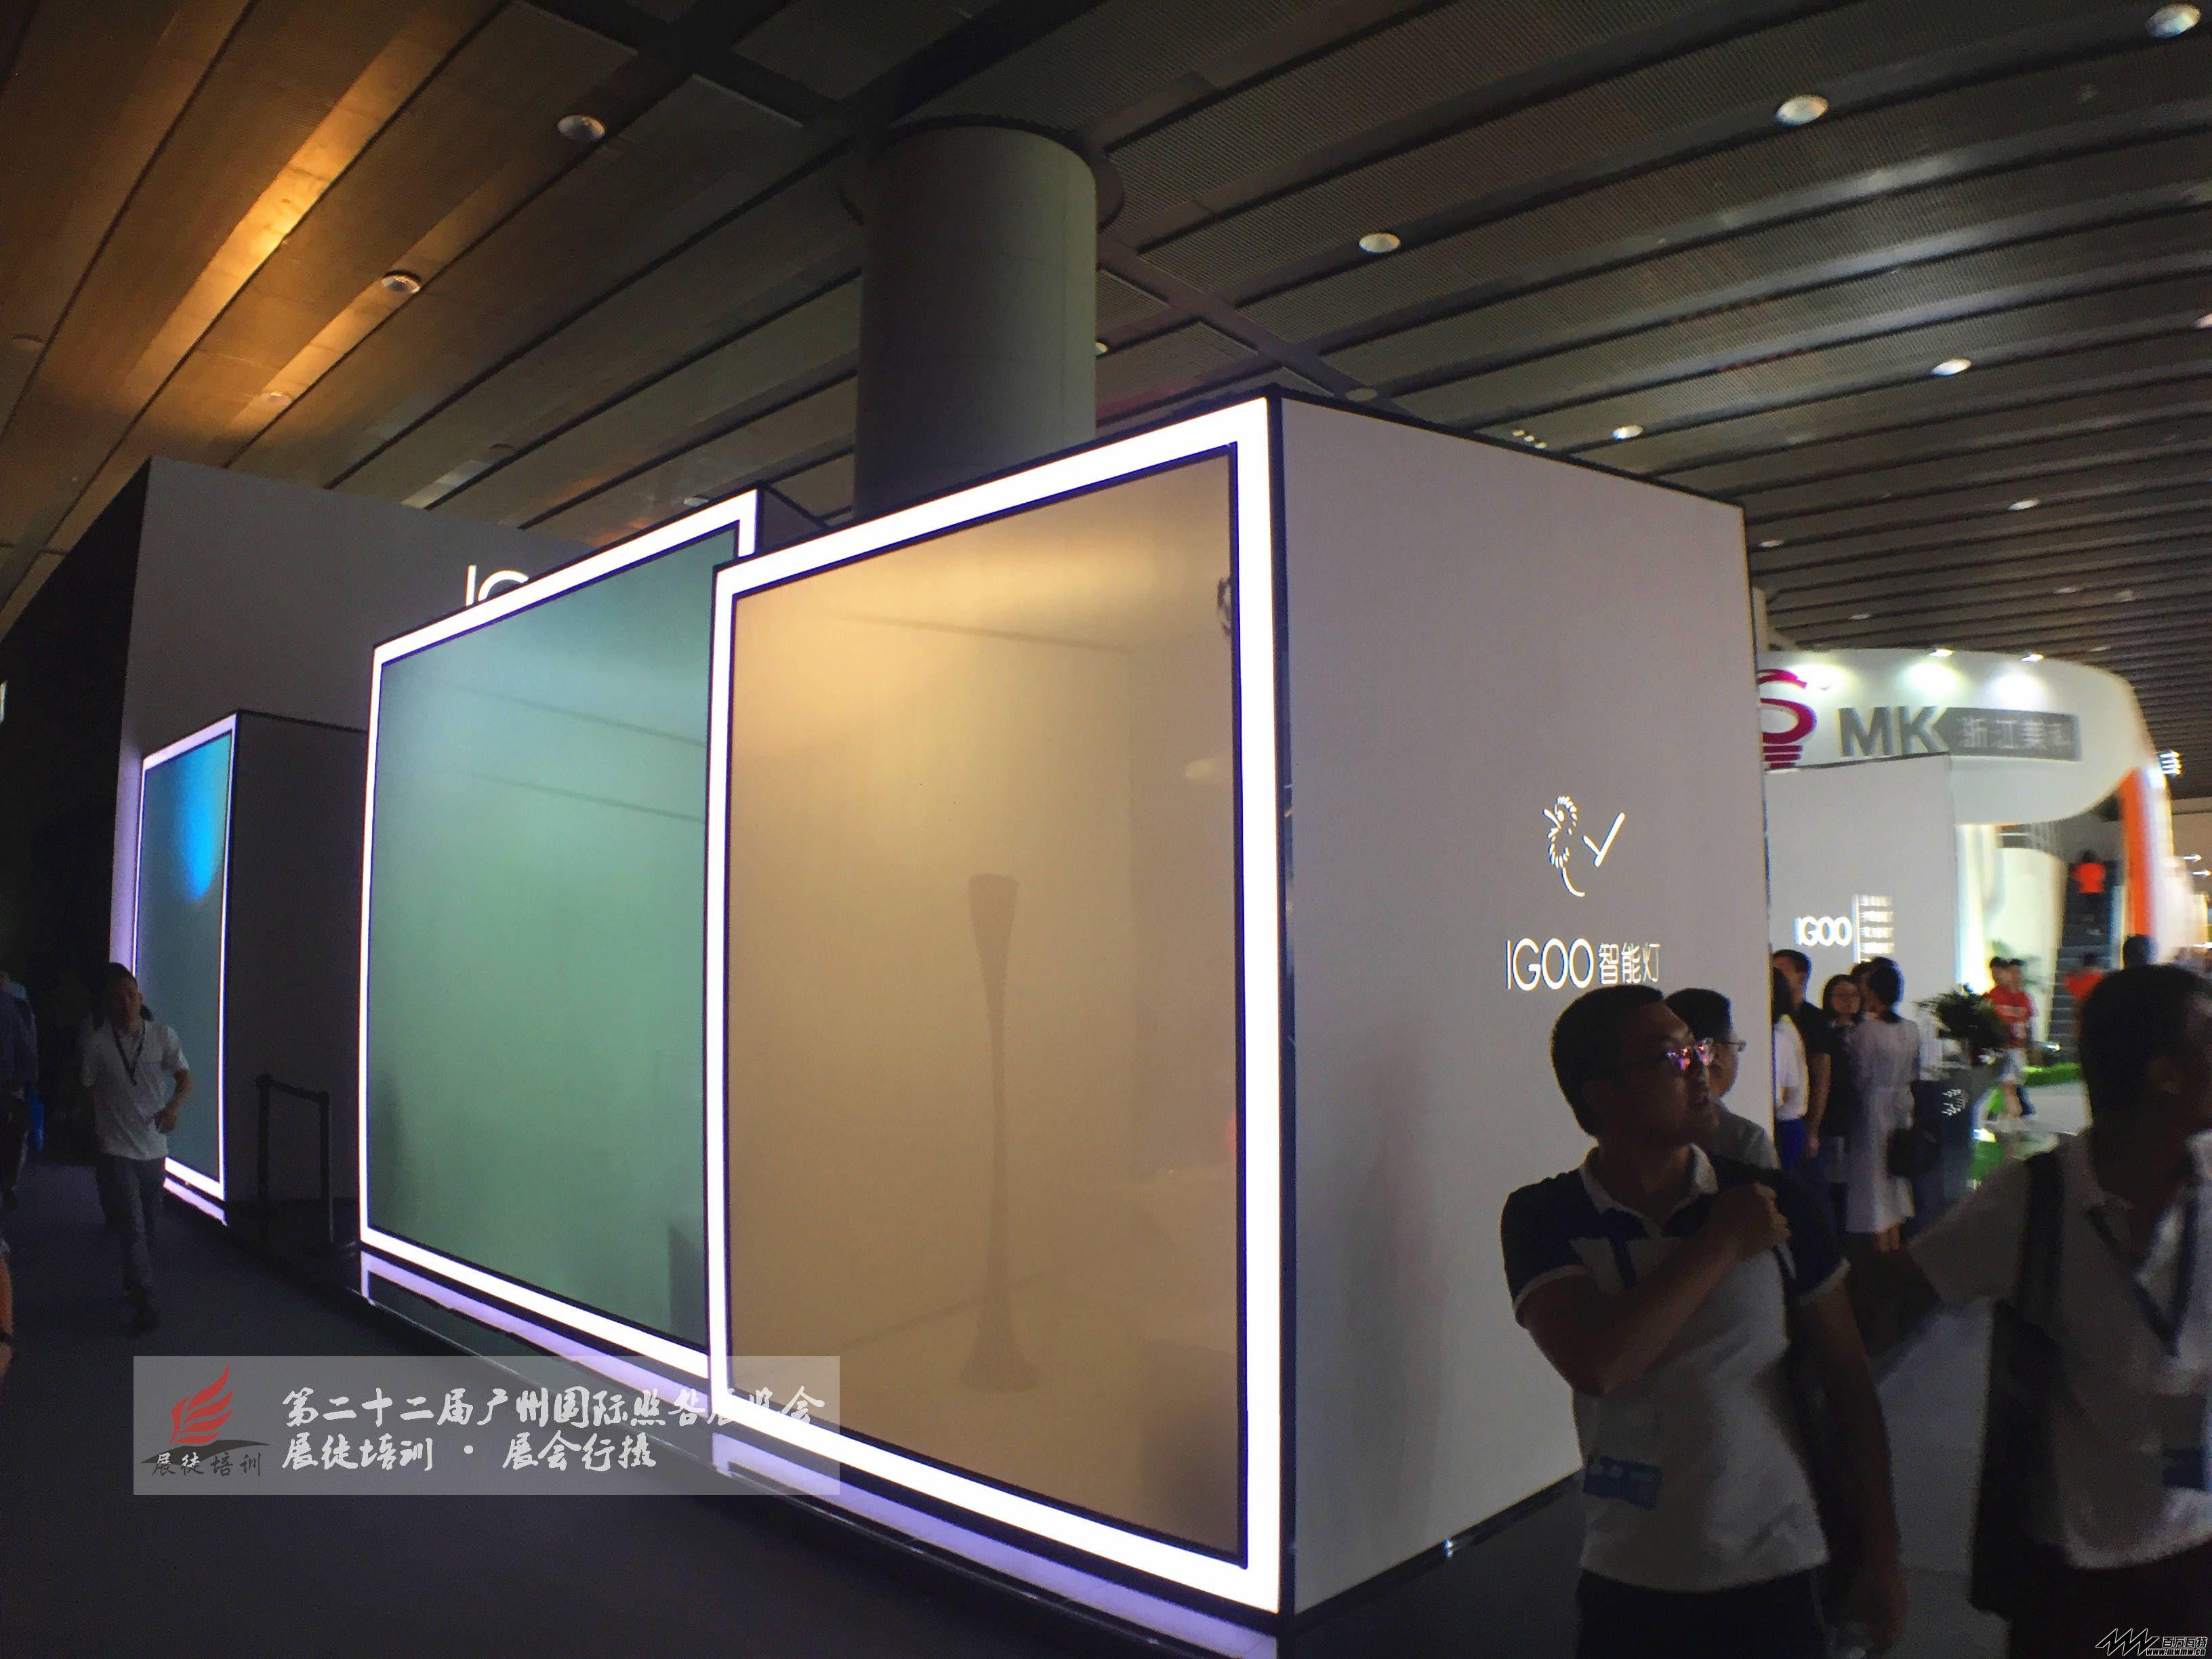 第二十二届广州国际照明展览会-展徒培训·展会行摄 (185).jpg